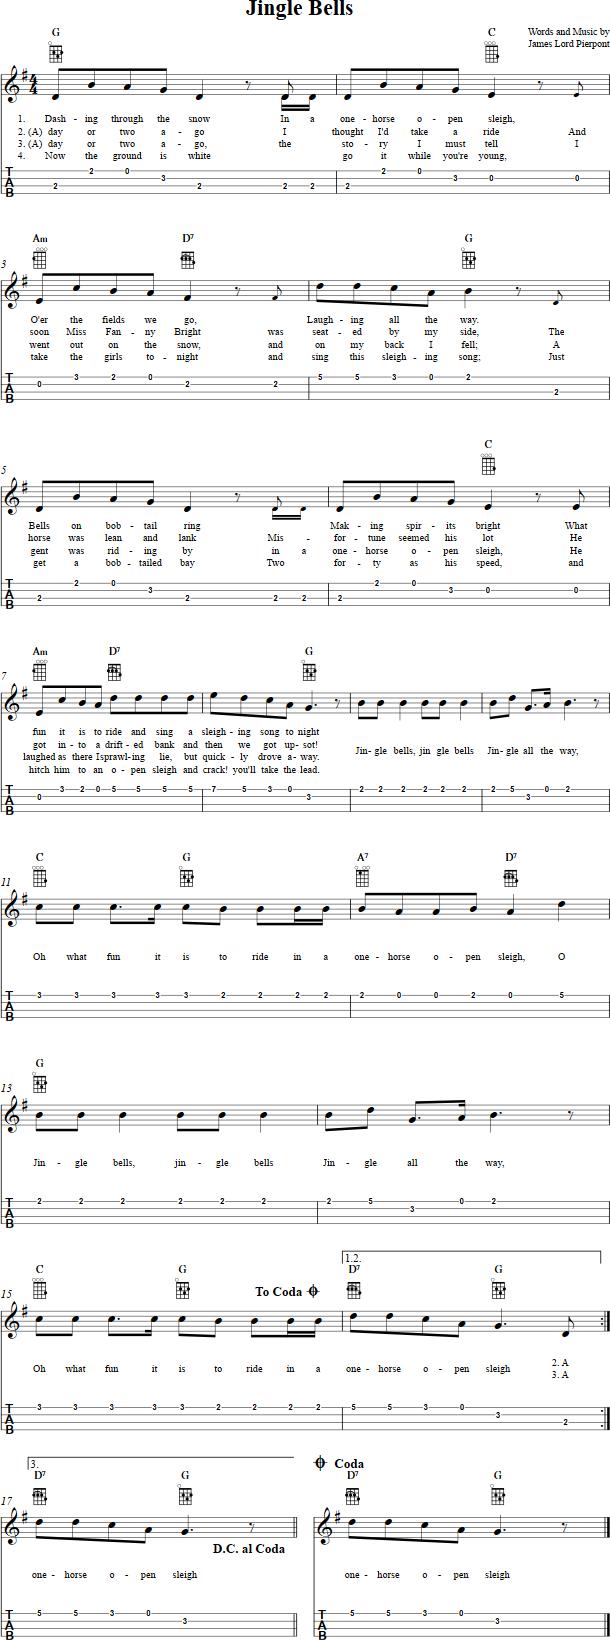 jingle bells guitar tutorial